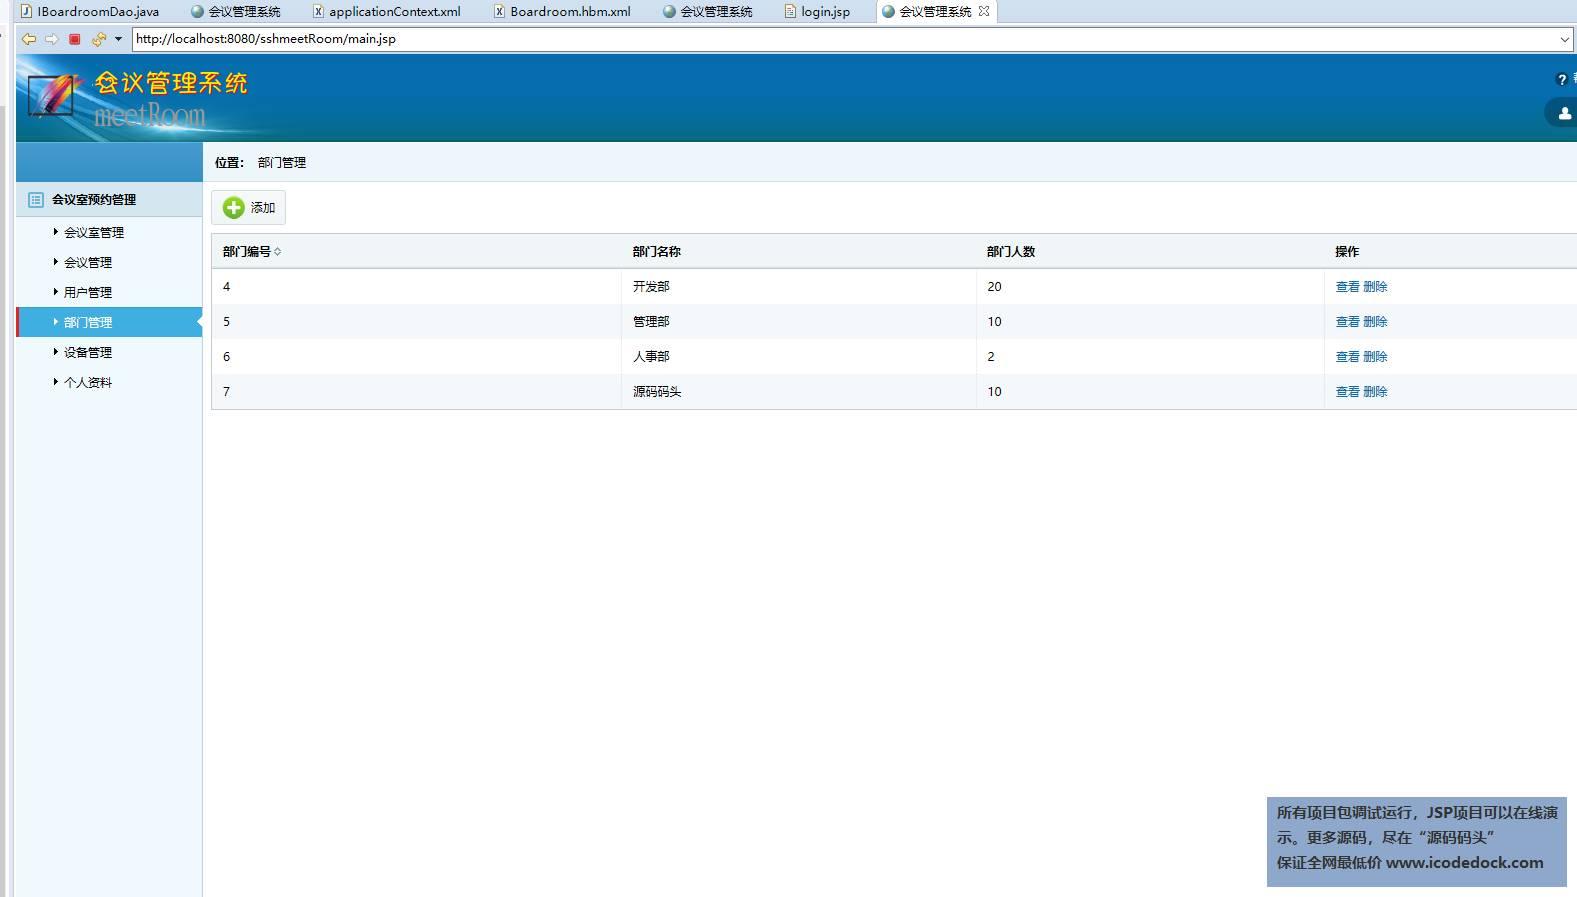 源码码头-SSH会议室管理系统-管理员角色-部门管理